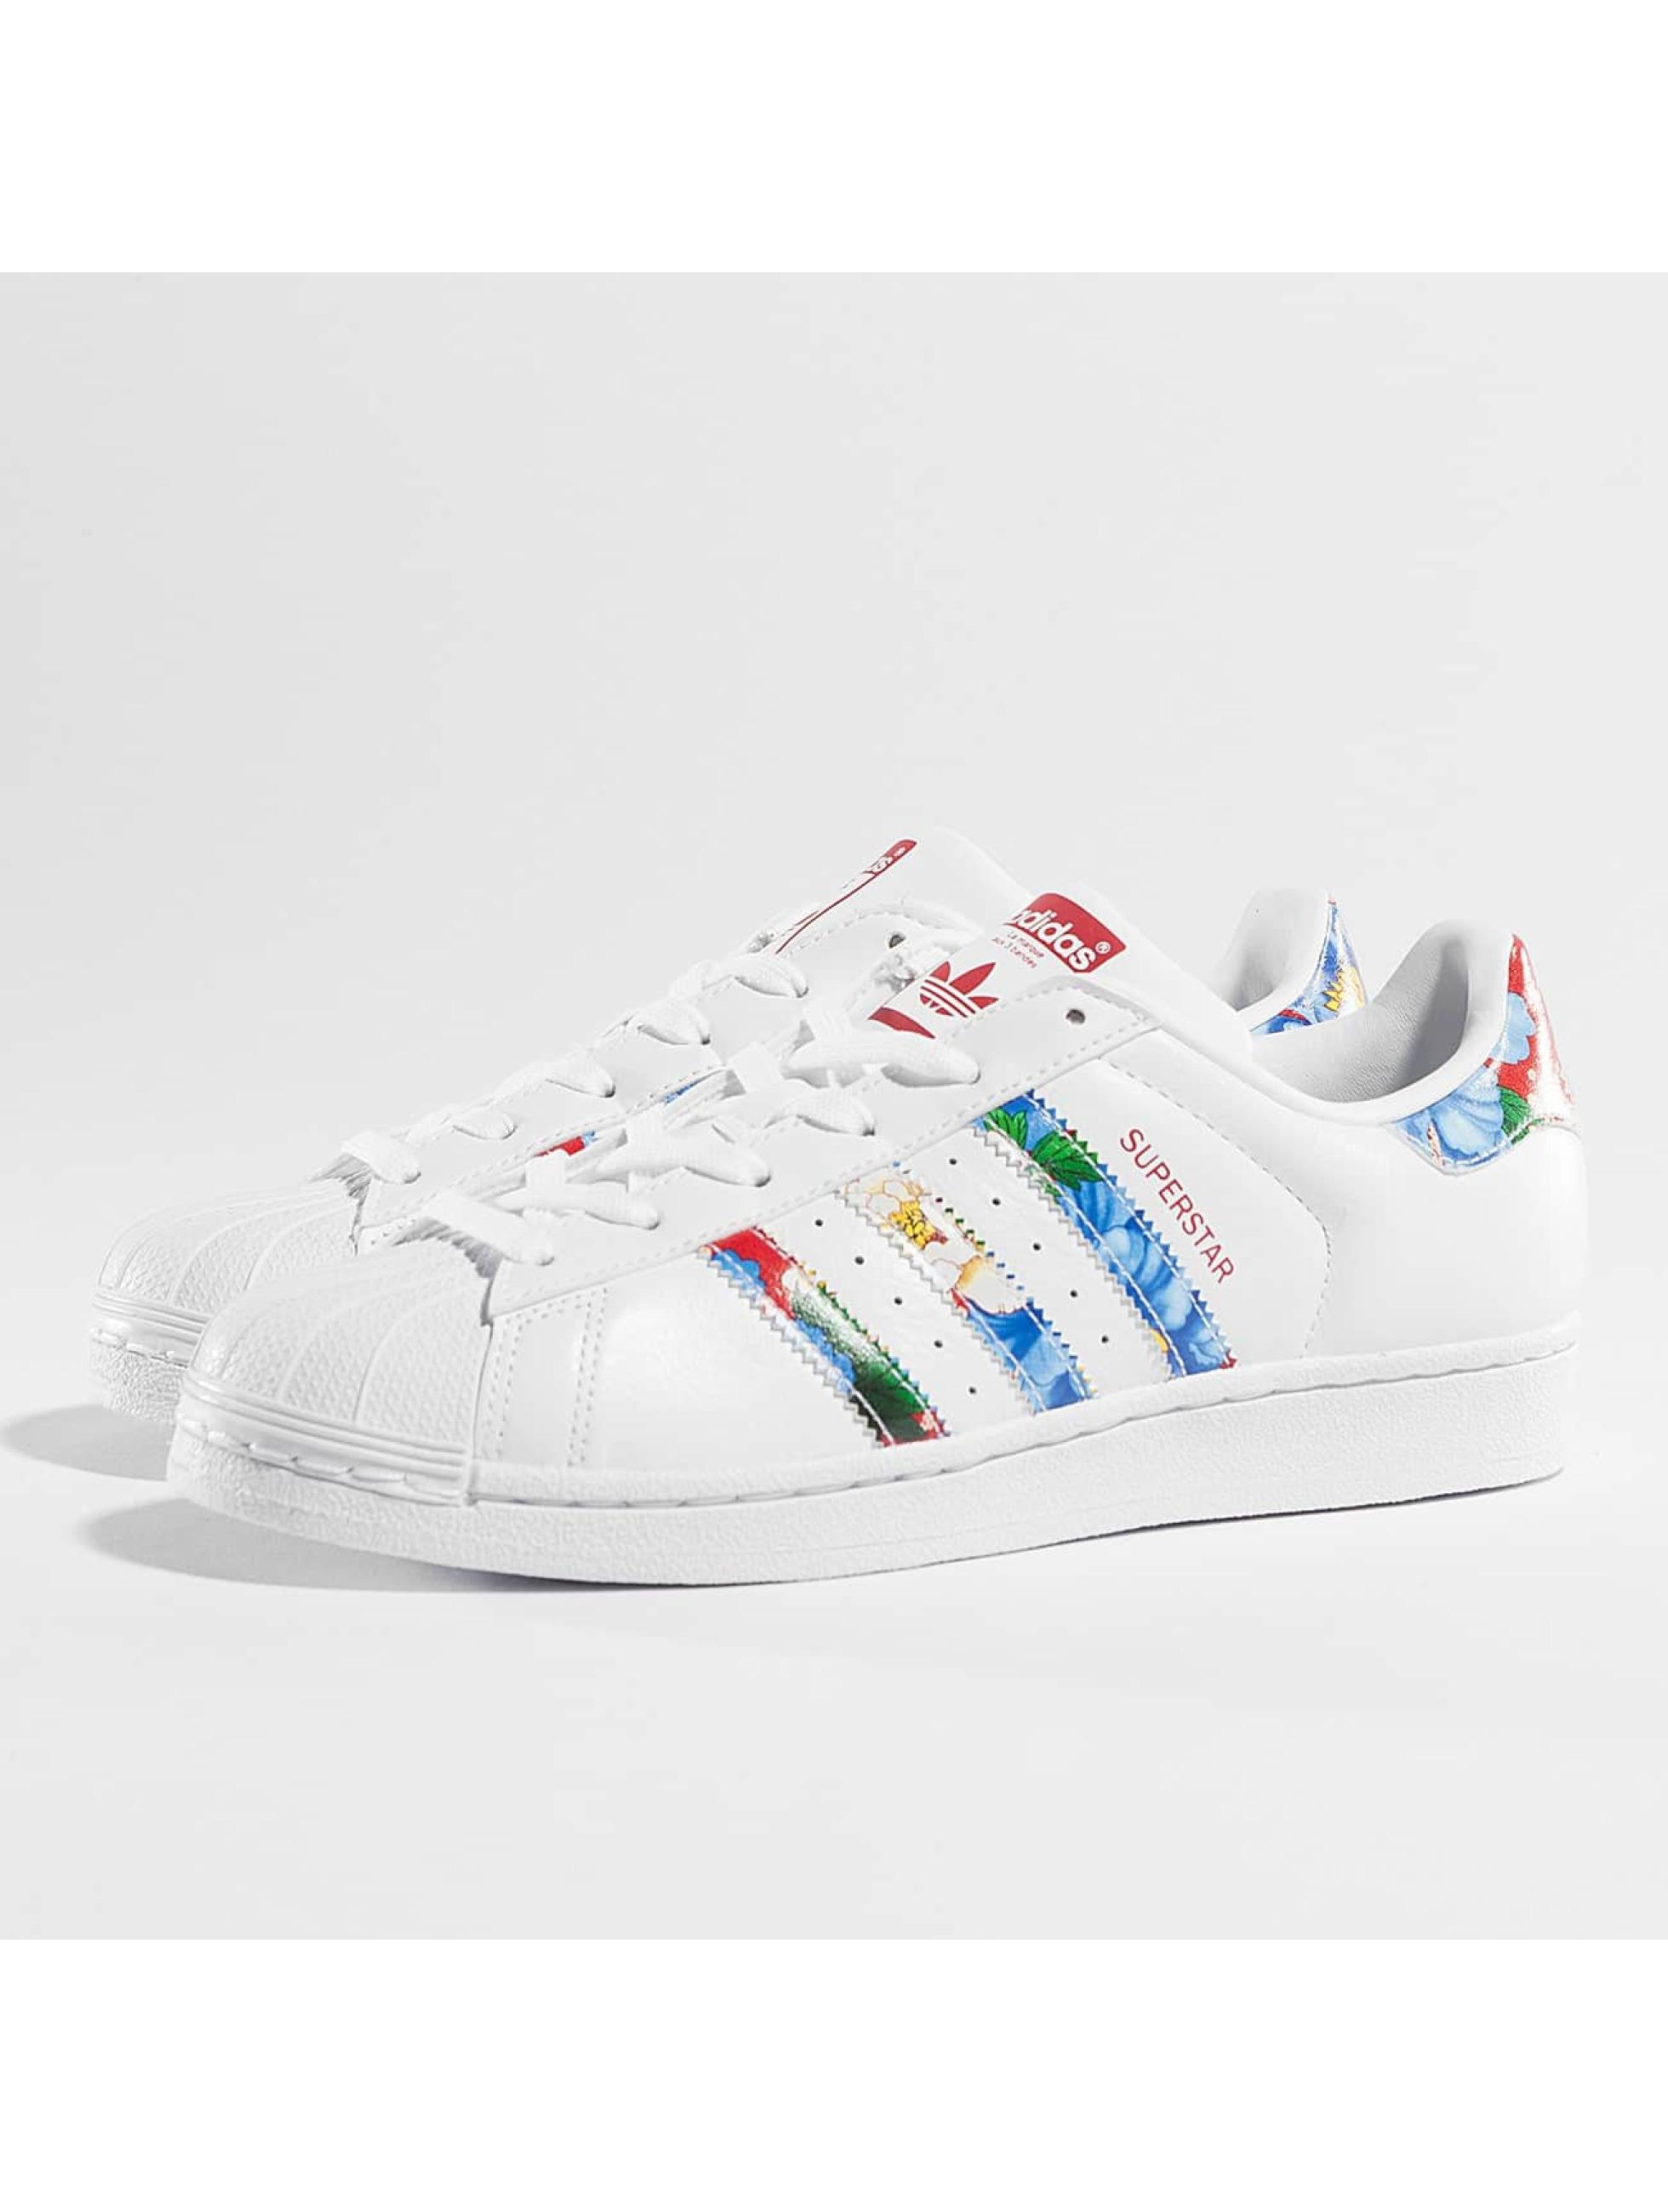 223f37307de235 Adidas Superstar Blumen Streifen ohne-papa.de